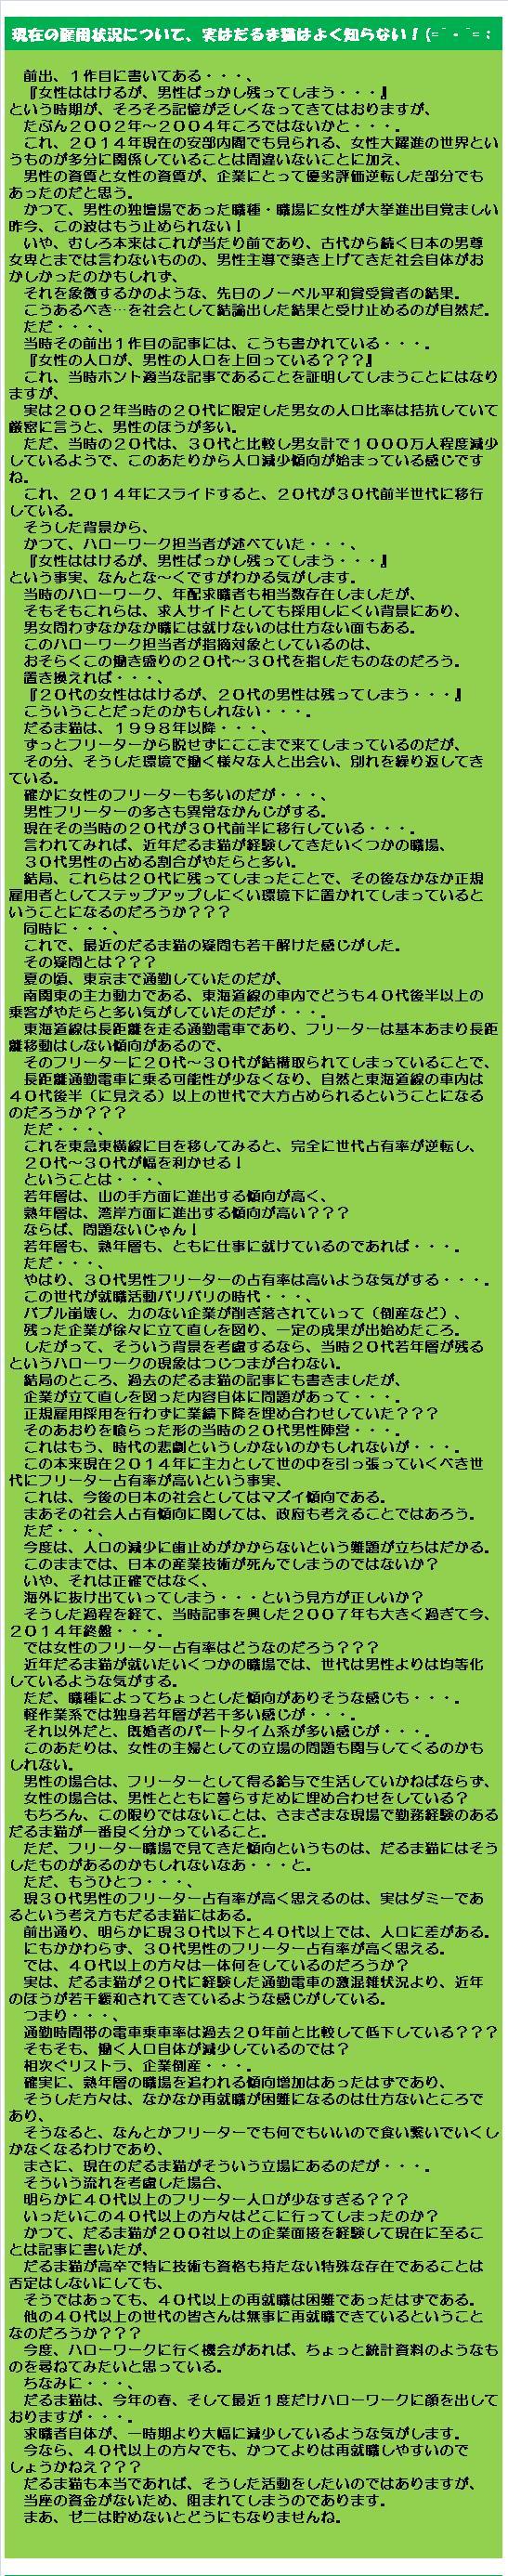 20141016・ブログ記事⑤.jpg